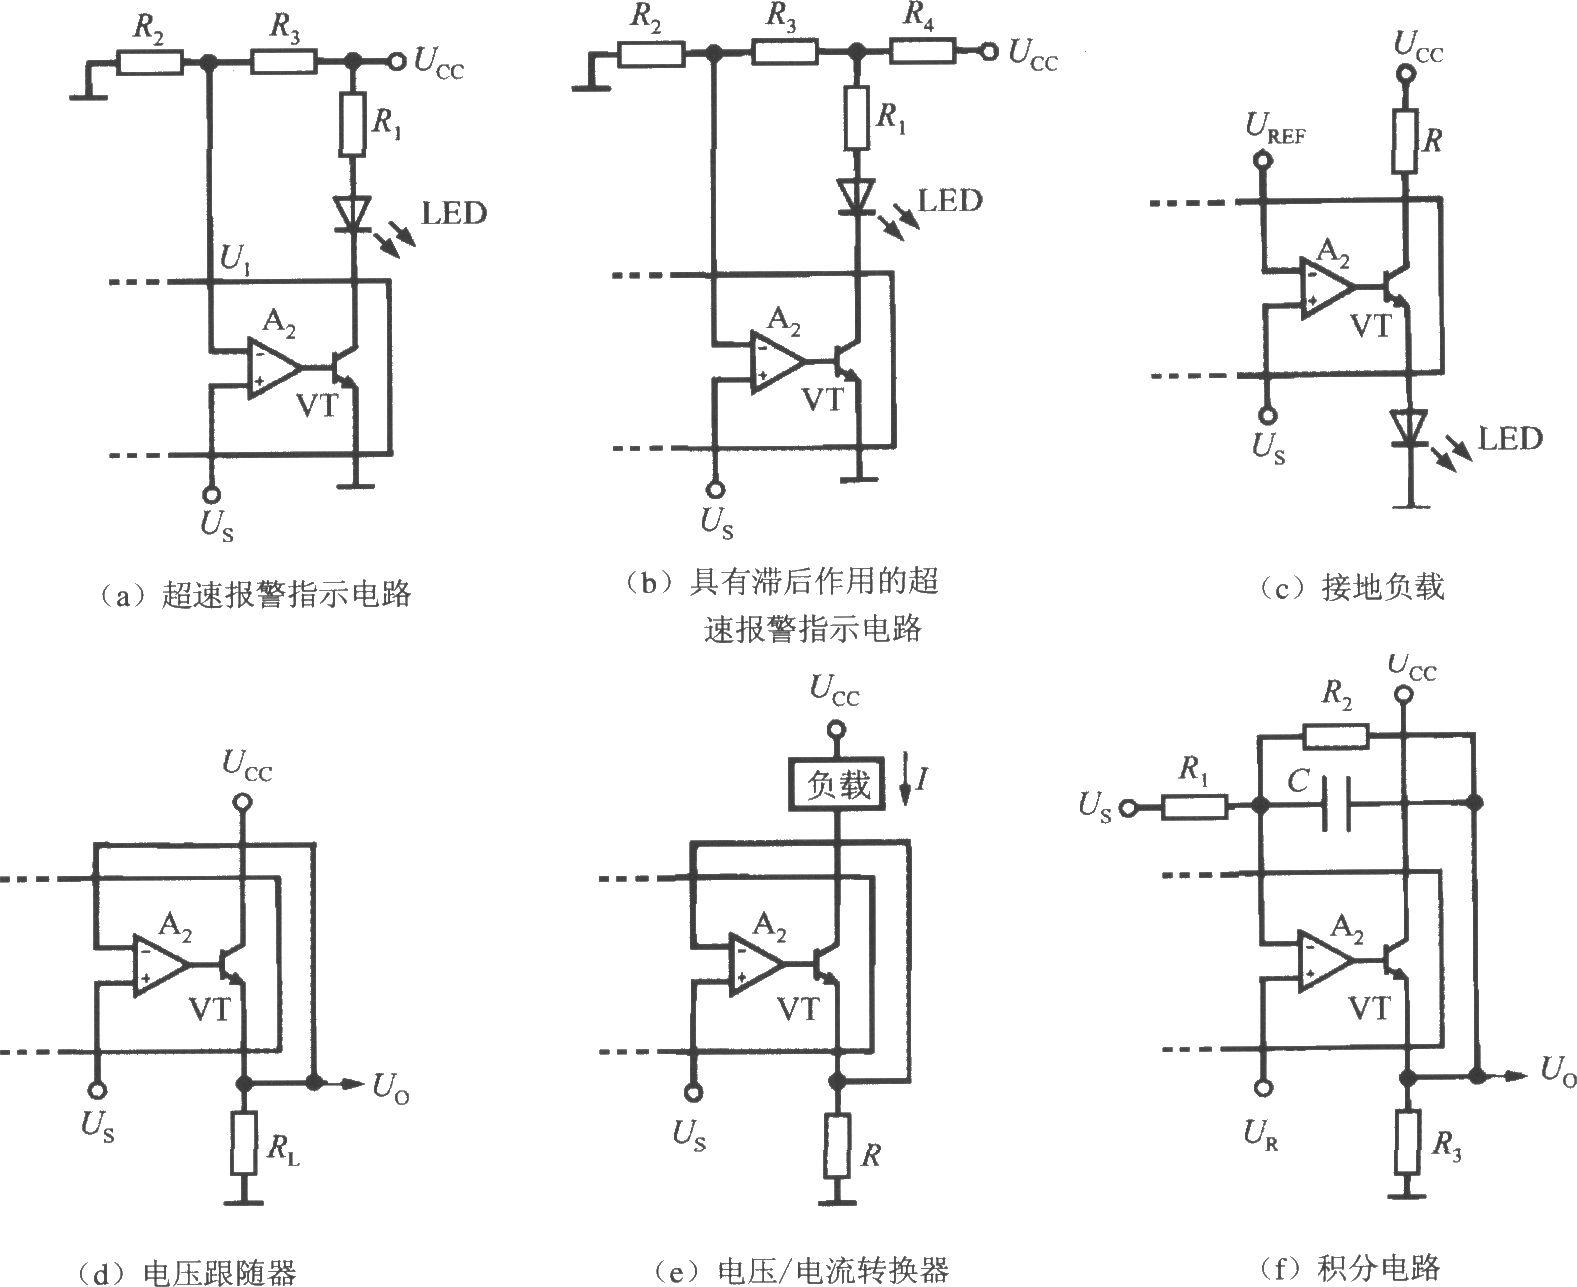 集成转速/电压转换器LM2907/2917的6种输出电路